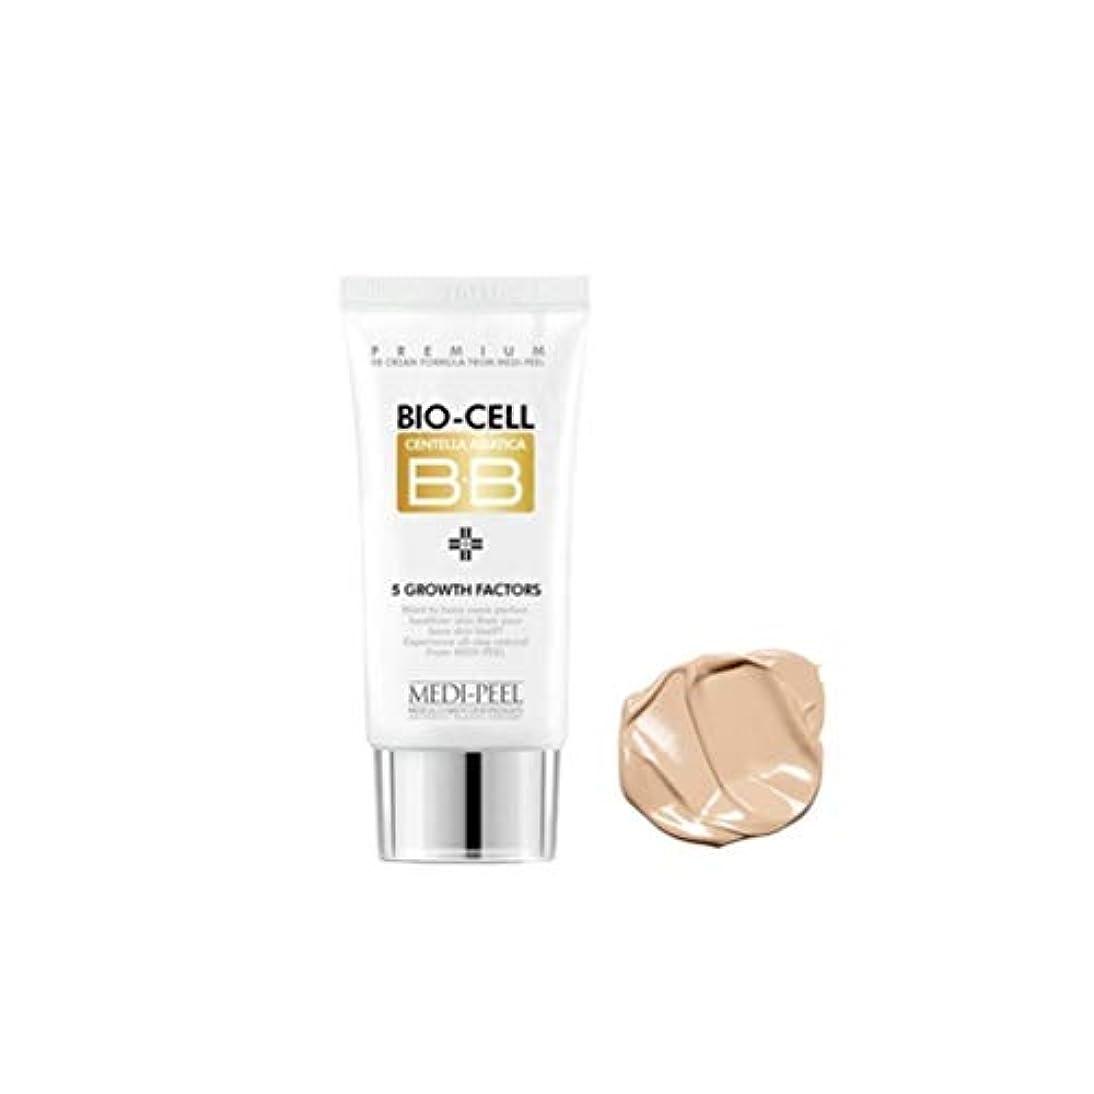 無し子孫囚人[Medi-Peel] メディピール バイオセル BBクリーム 50ml. [美.白?シワ.改善2重機能性化粧品] Medi-Peel Bio-cell BB Cream 50ml.